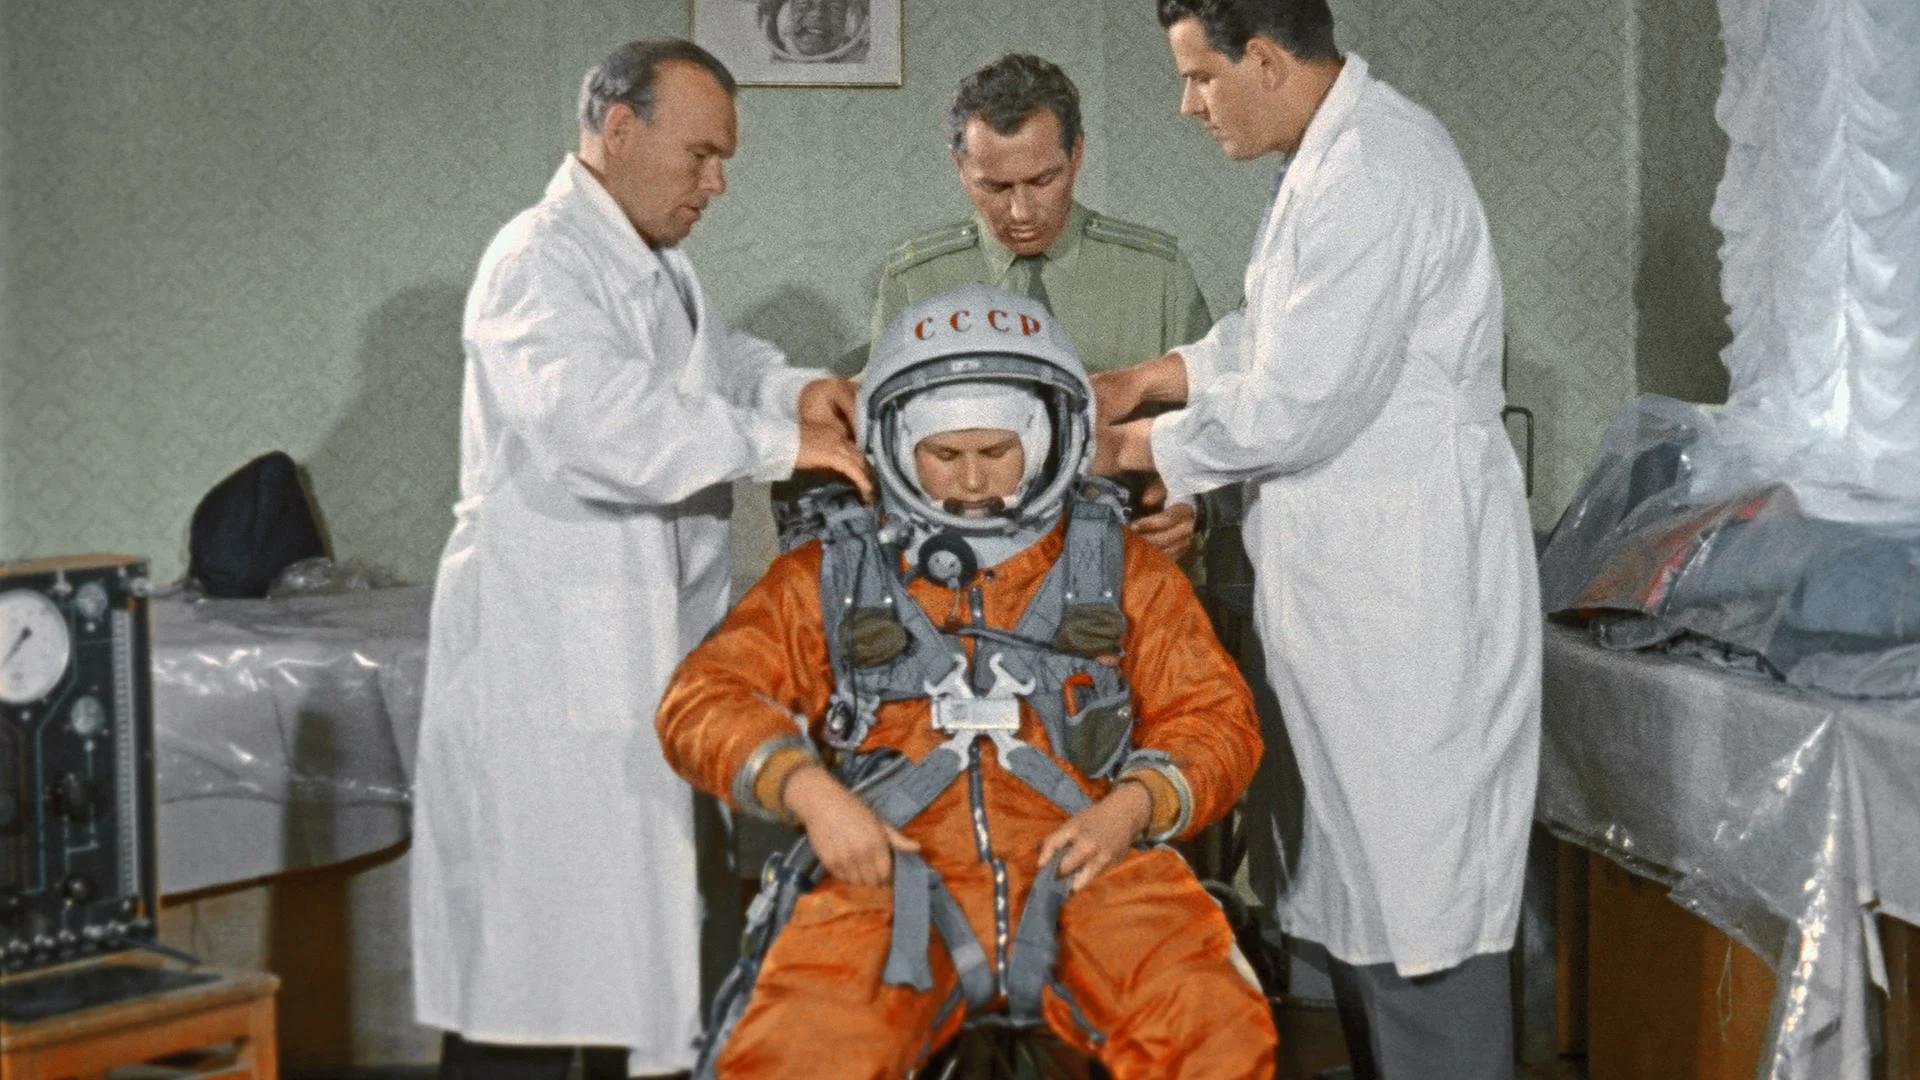 Chuyện chưa kể về bộ đồ du hành vũ trụ đầu tiên của nhân loại - Ảnh 15.